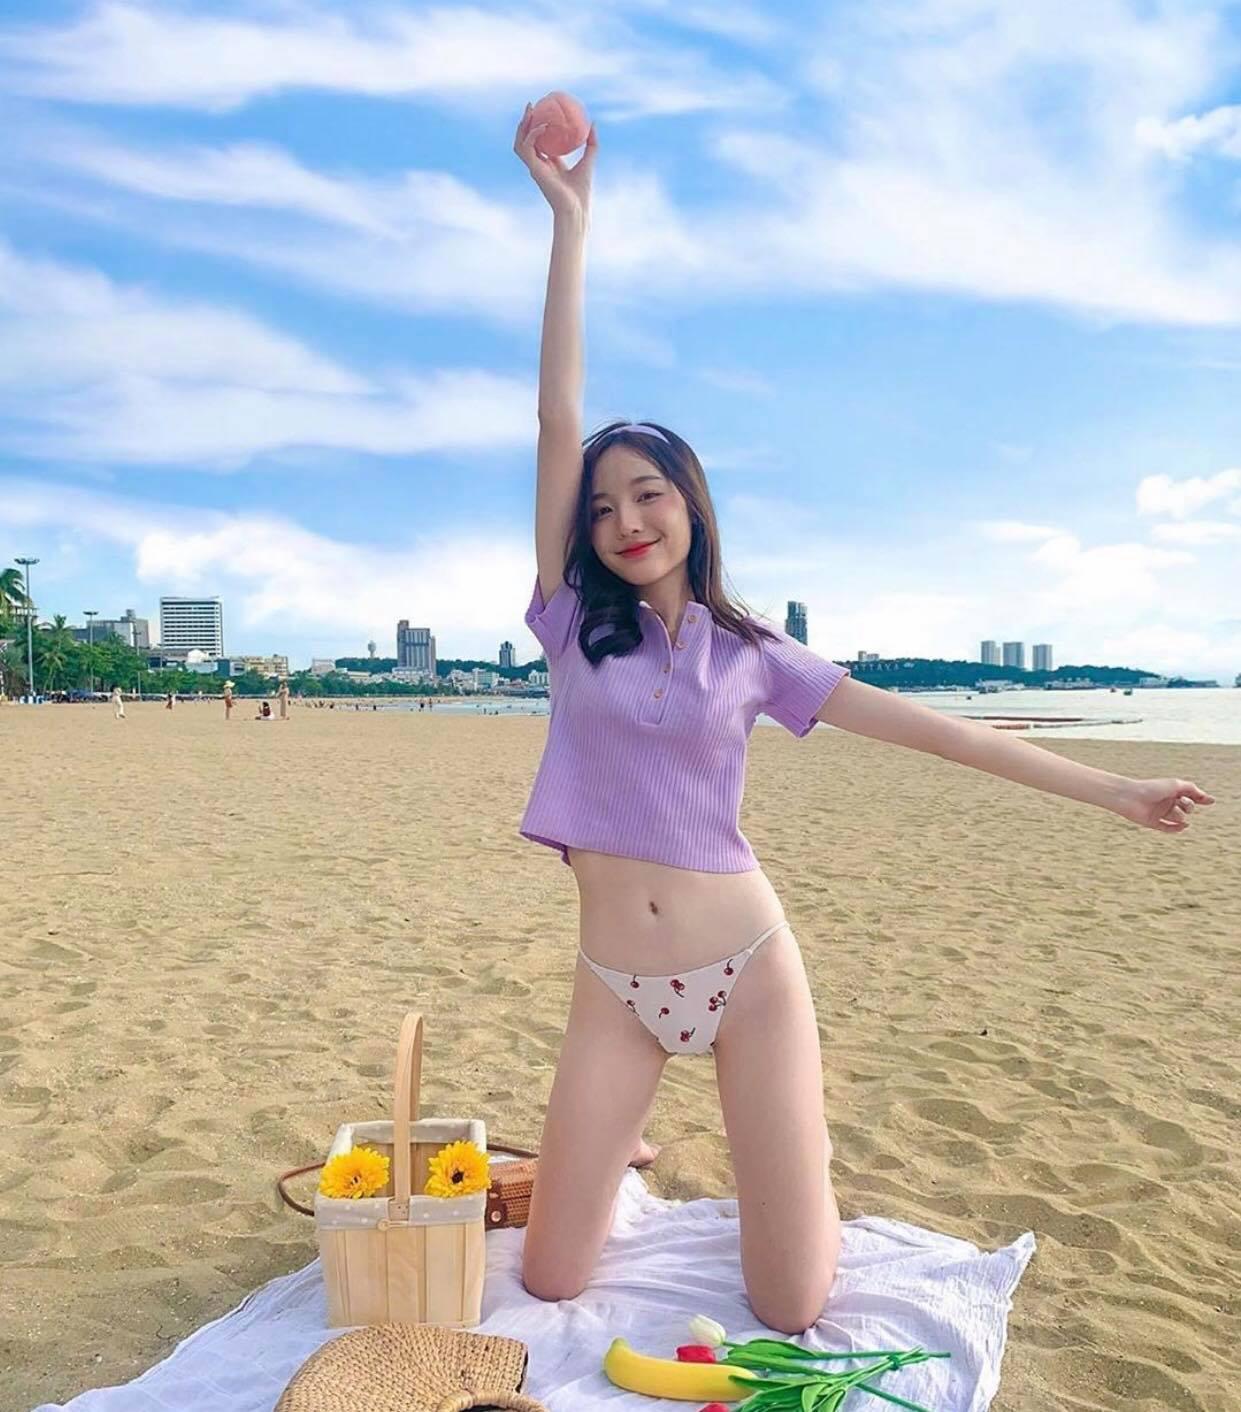 Thiếu nữ châu Á khoe bụng phẳng chân nuột với kiểu mặc áo phông táo bạo - 2